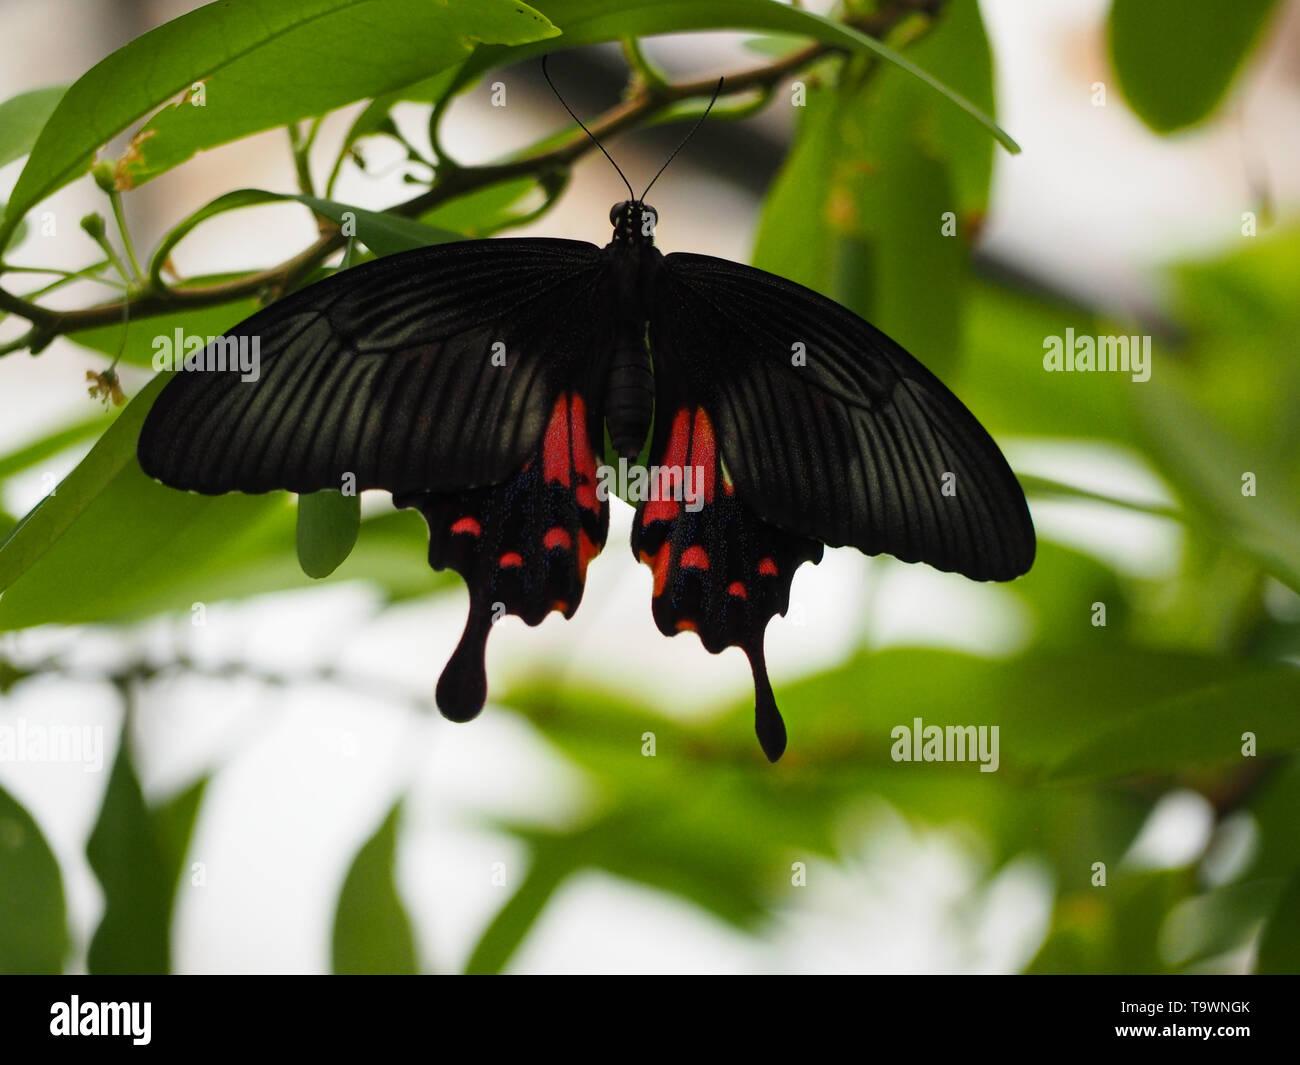 Rot schwarzer Schmetterling an einem Ast - Stock Image